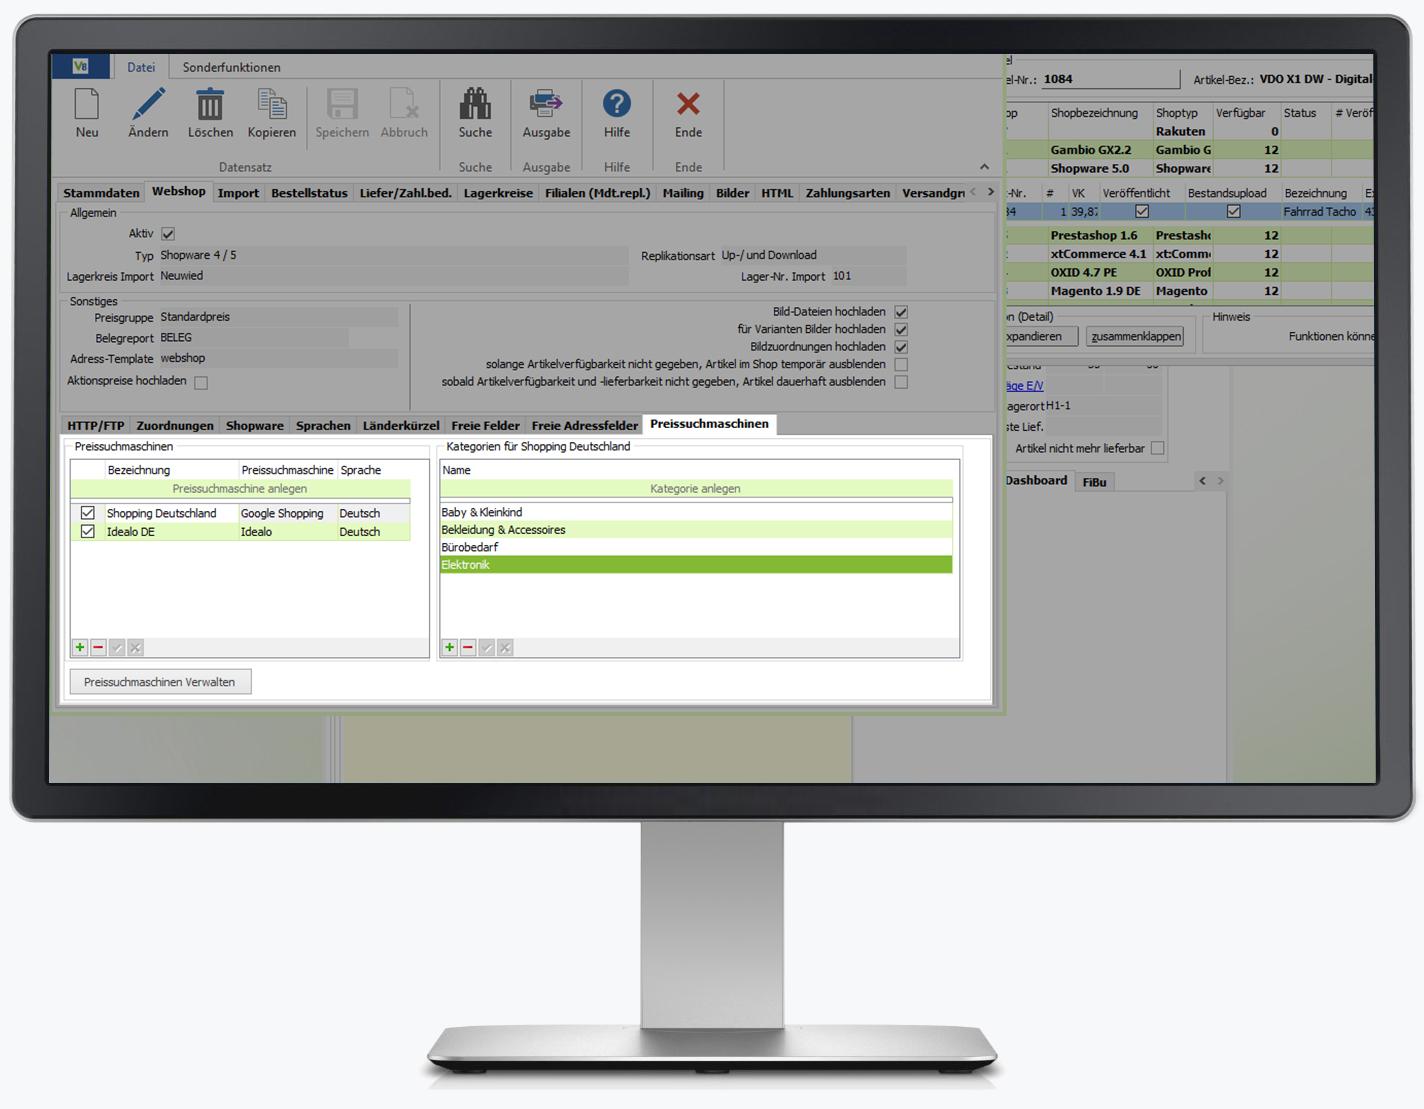 Übertragung Ihrer Artikel in nur wenigen Schritten mit der integrierten Software in VARIO